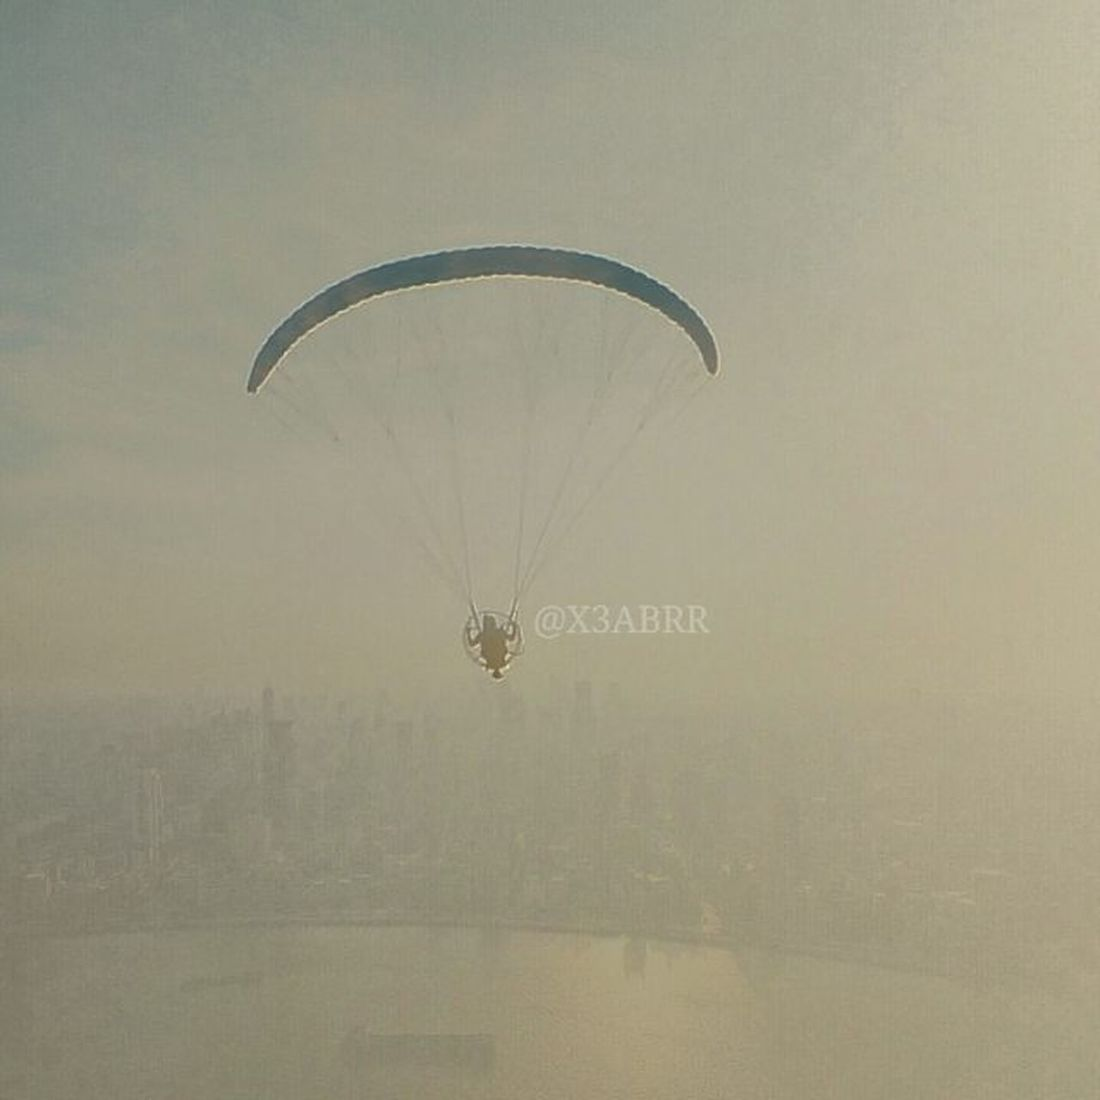 الصورة الواضحة من تصويري  تمازج . الطيران_الشراعي تهور Paragliding Aviation Sailing 2015  السعودية  طيران_شراعي سعودي